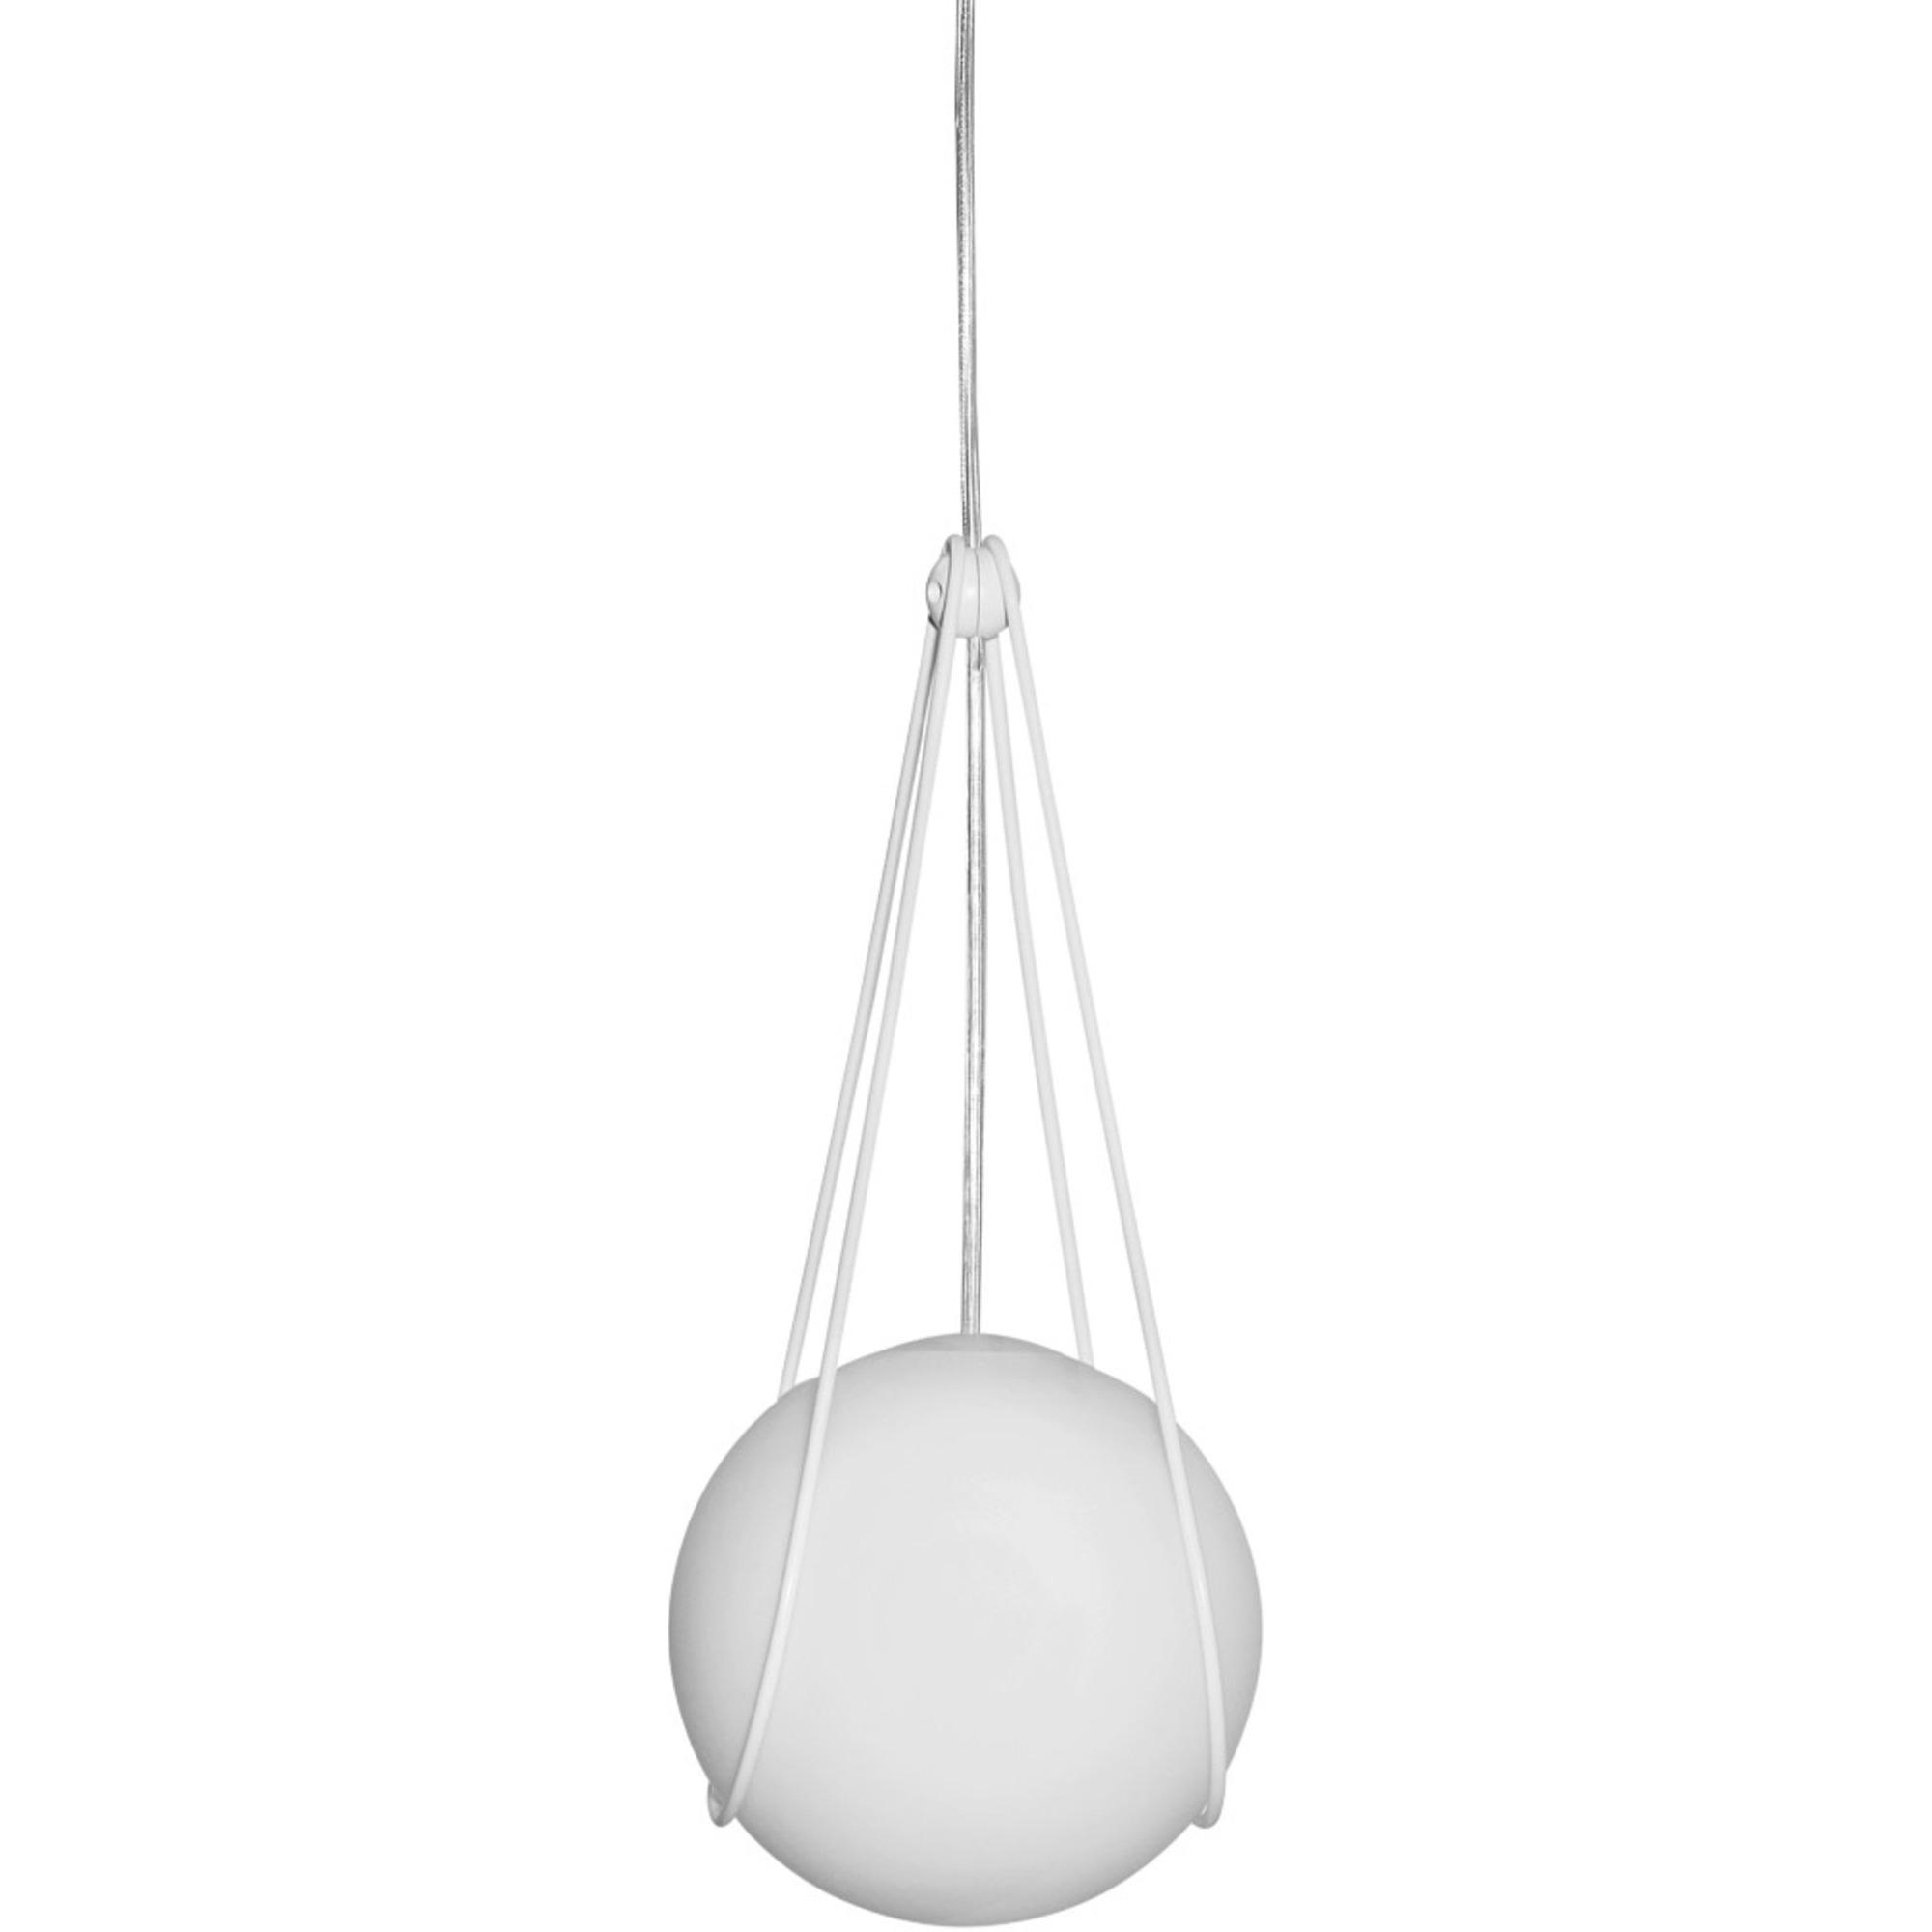 Design House Stockholm Kosmos hållare för Luna Lampa Vit 16cm